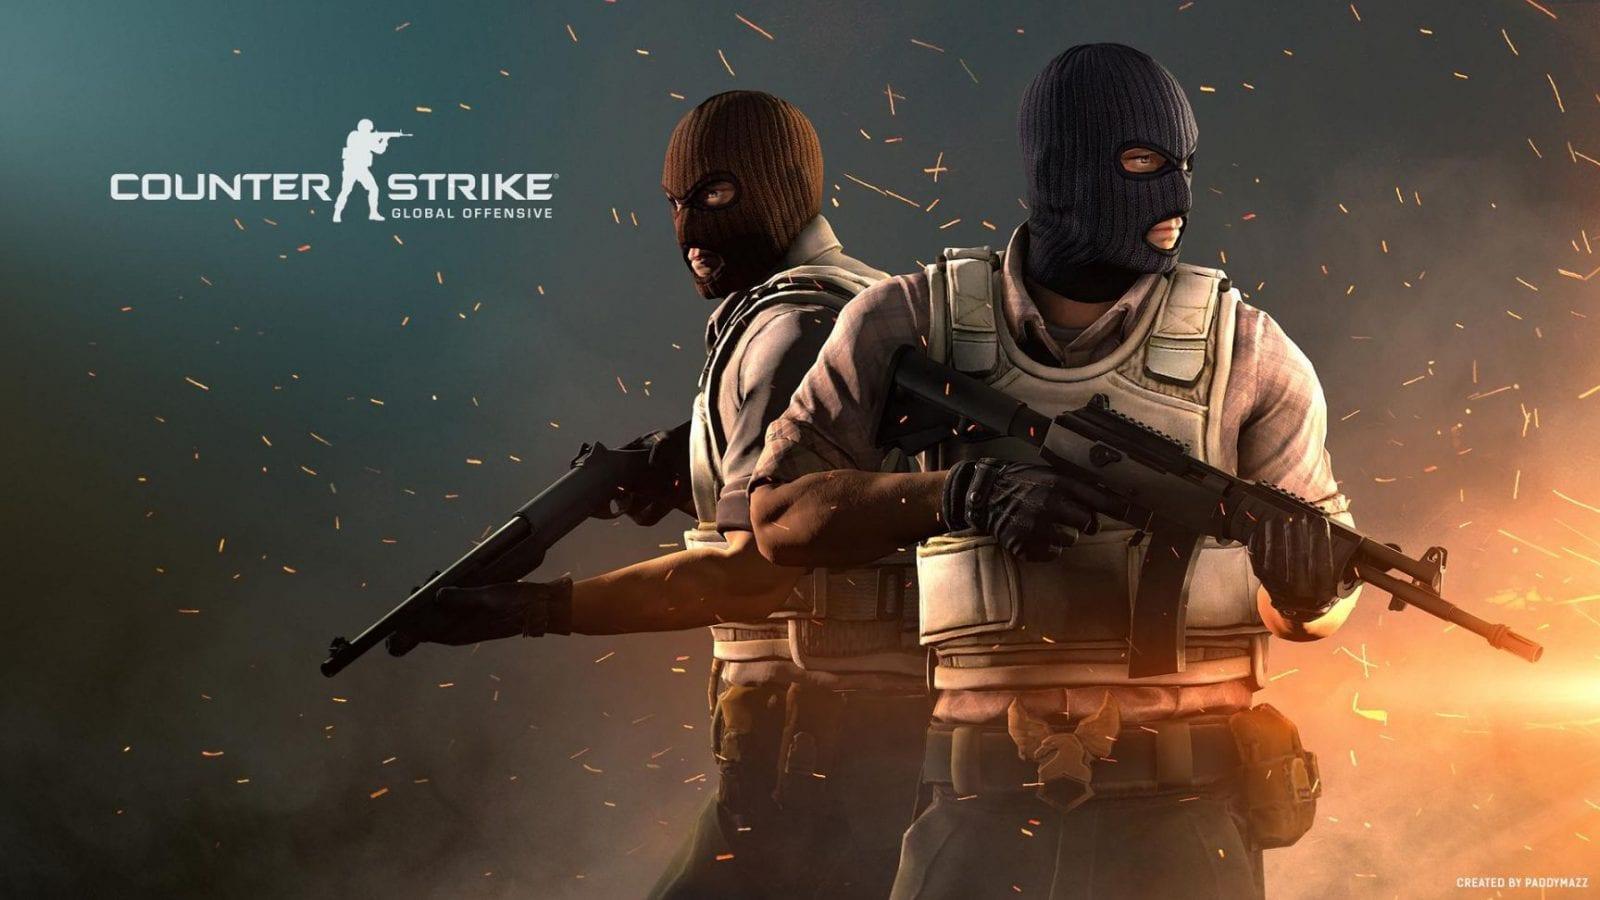 La última actualización ofensiva global de Counter-Strike que causa retraso, congelamiento y fallas